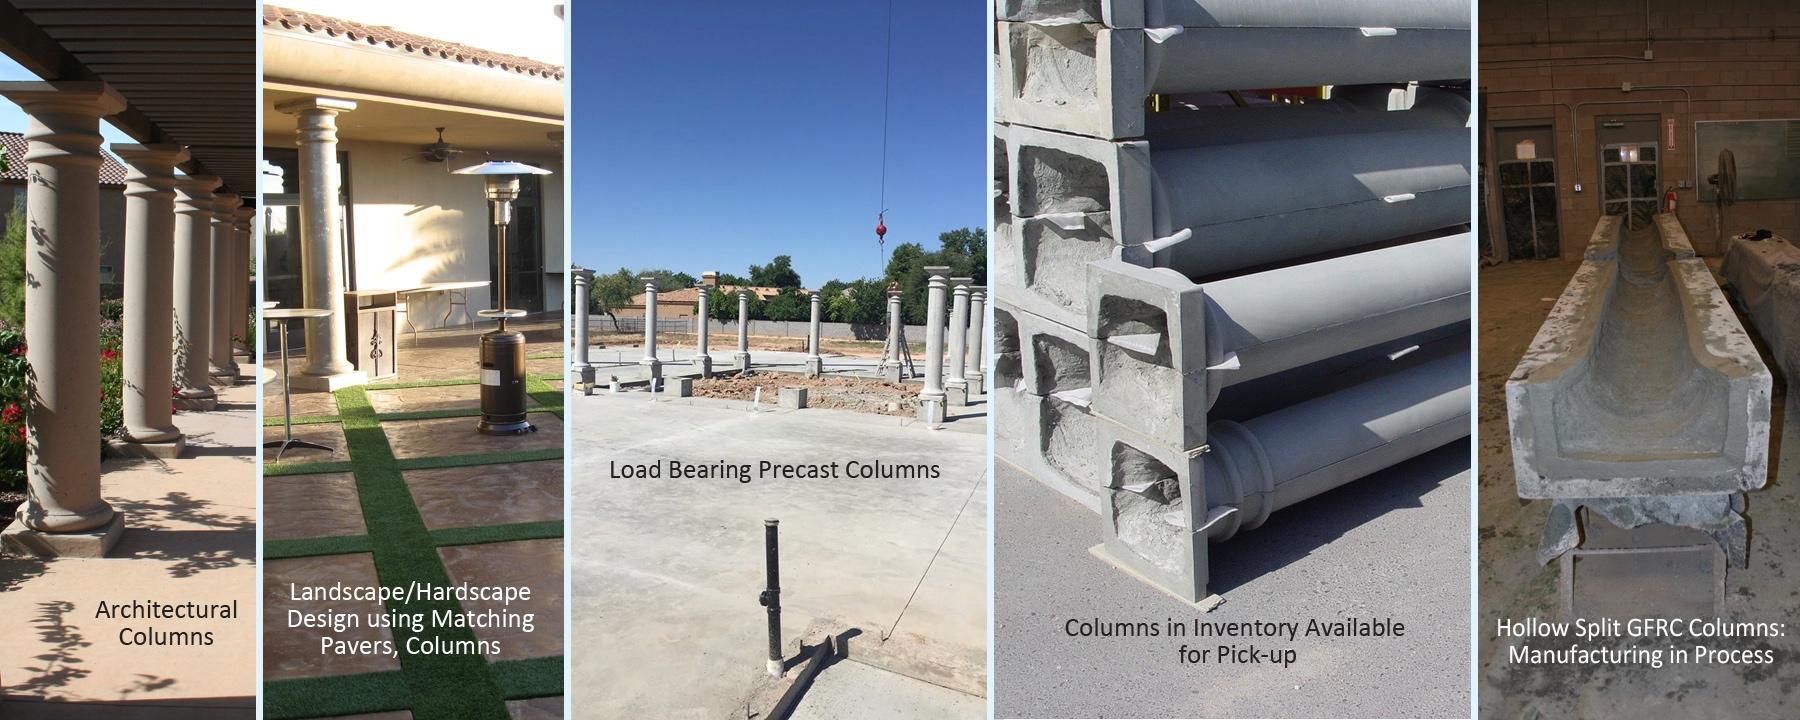 Mesa Precast Architectural Columns - Precast, GFRC